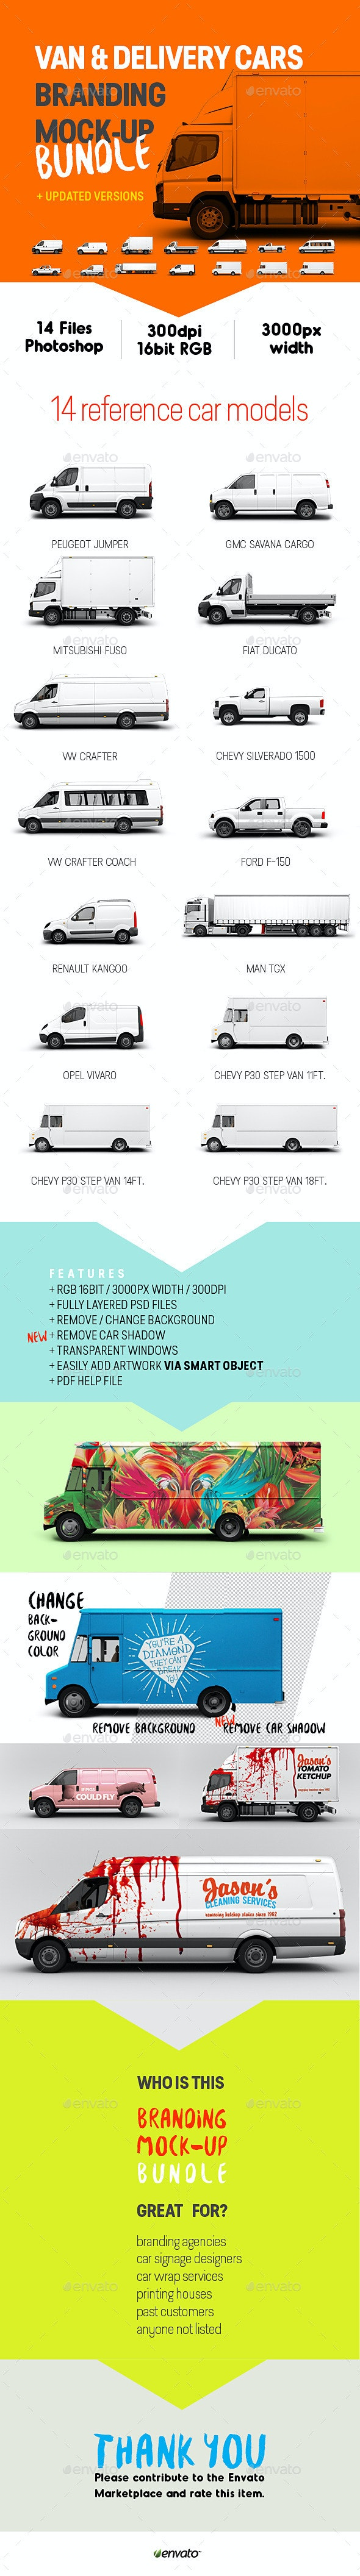 Van & Delivery Cars Branding Mockup Bundle - Vehicle Wraps Print